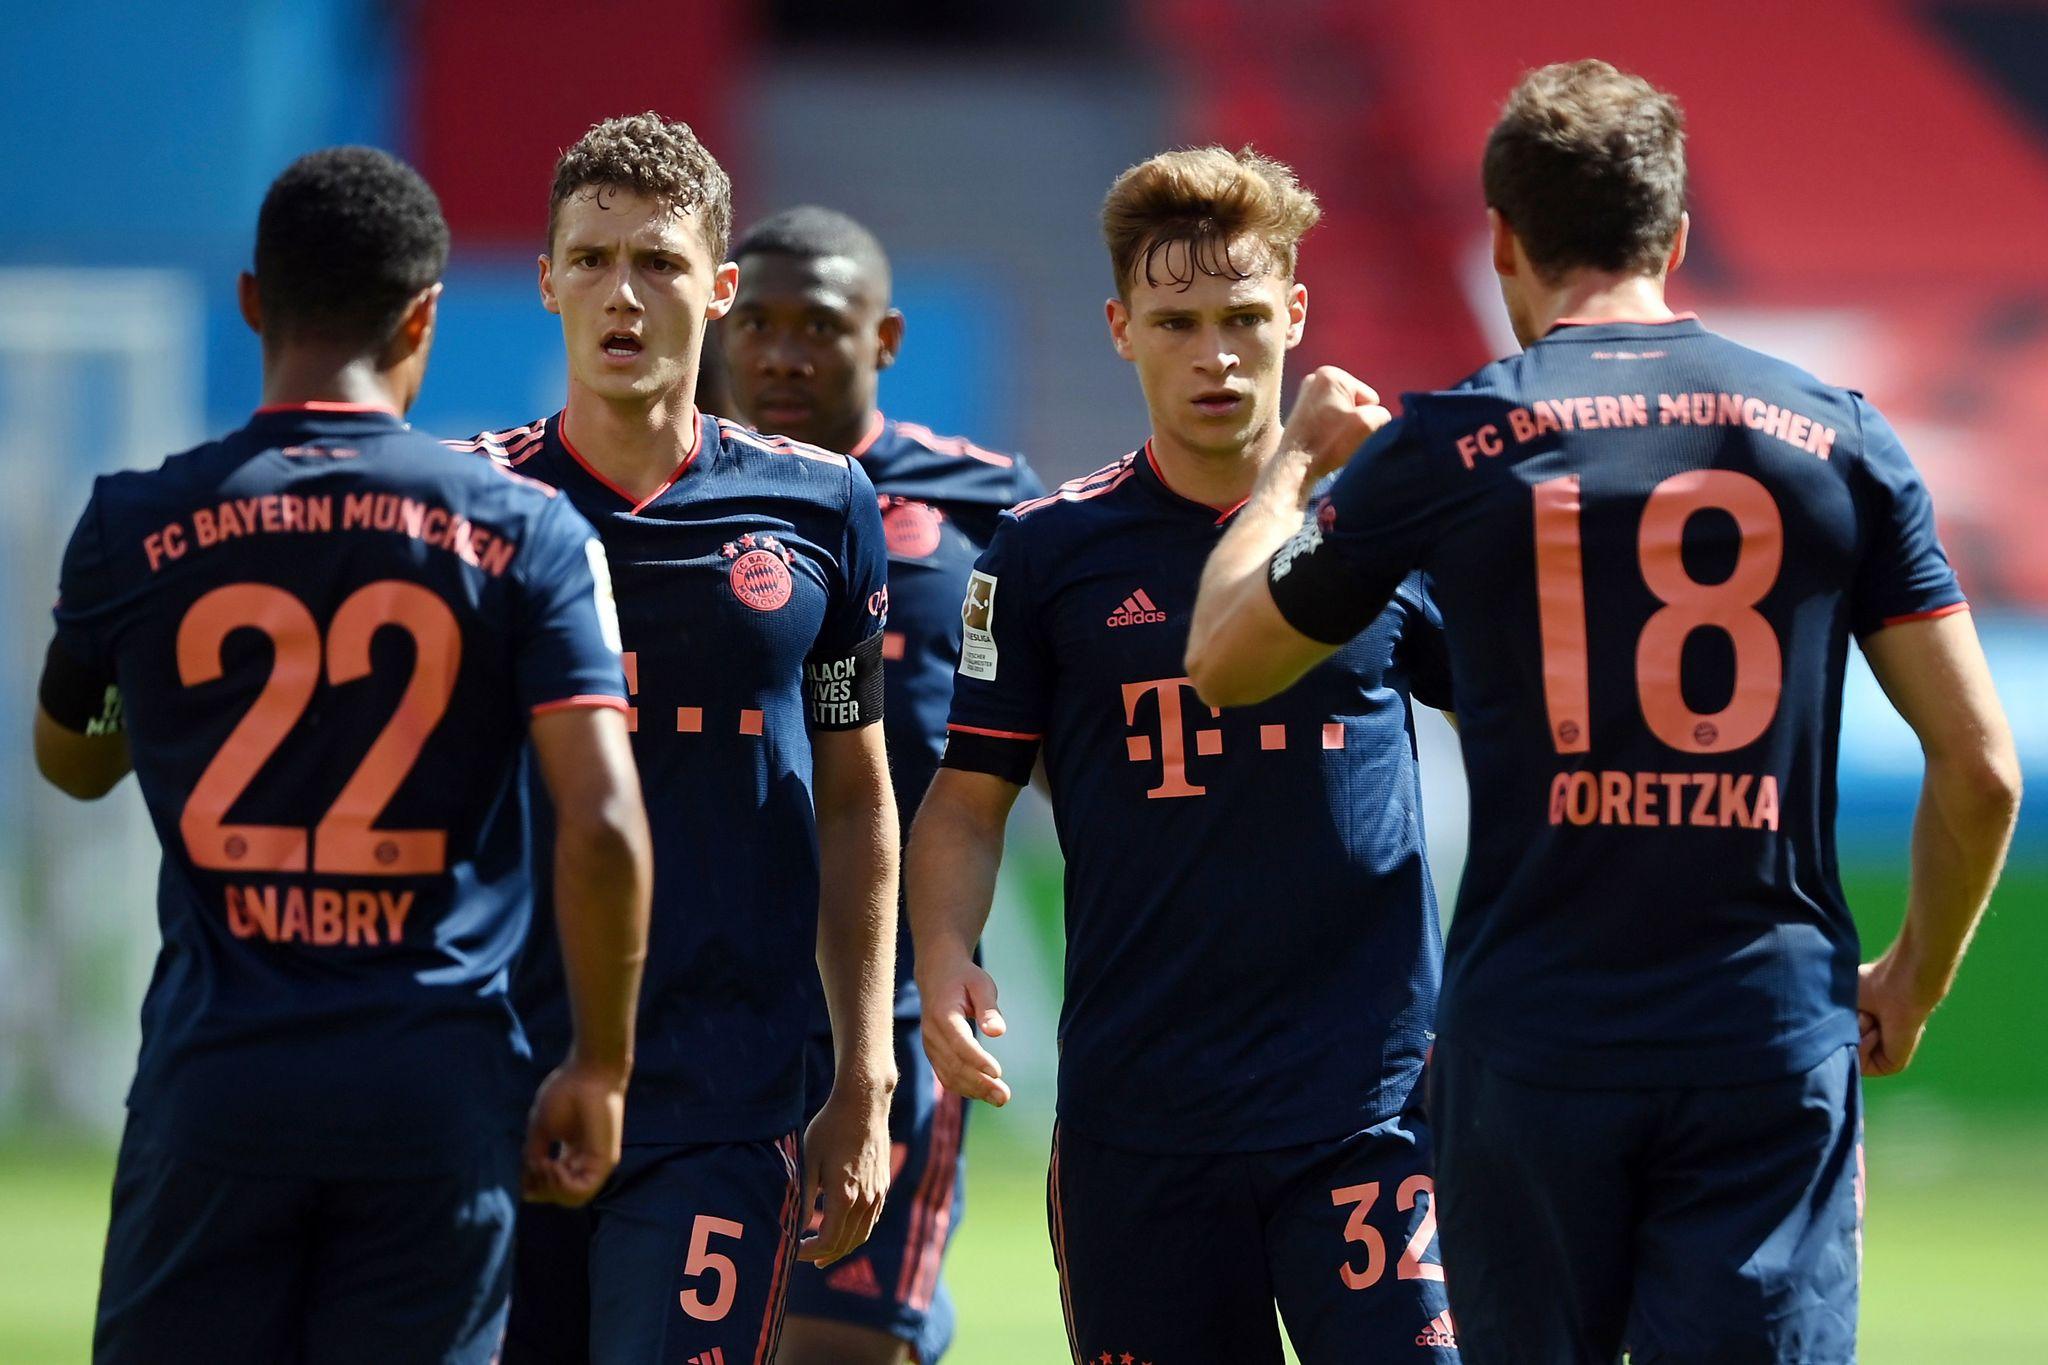 Un demoledor Bayern en el último fin de semana de gloria para la Bundesliga